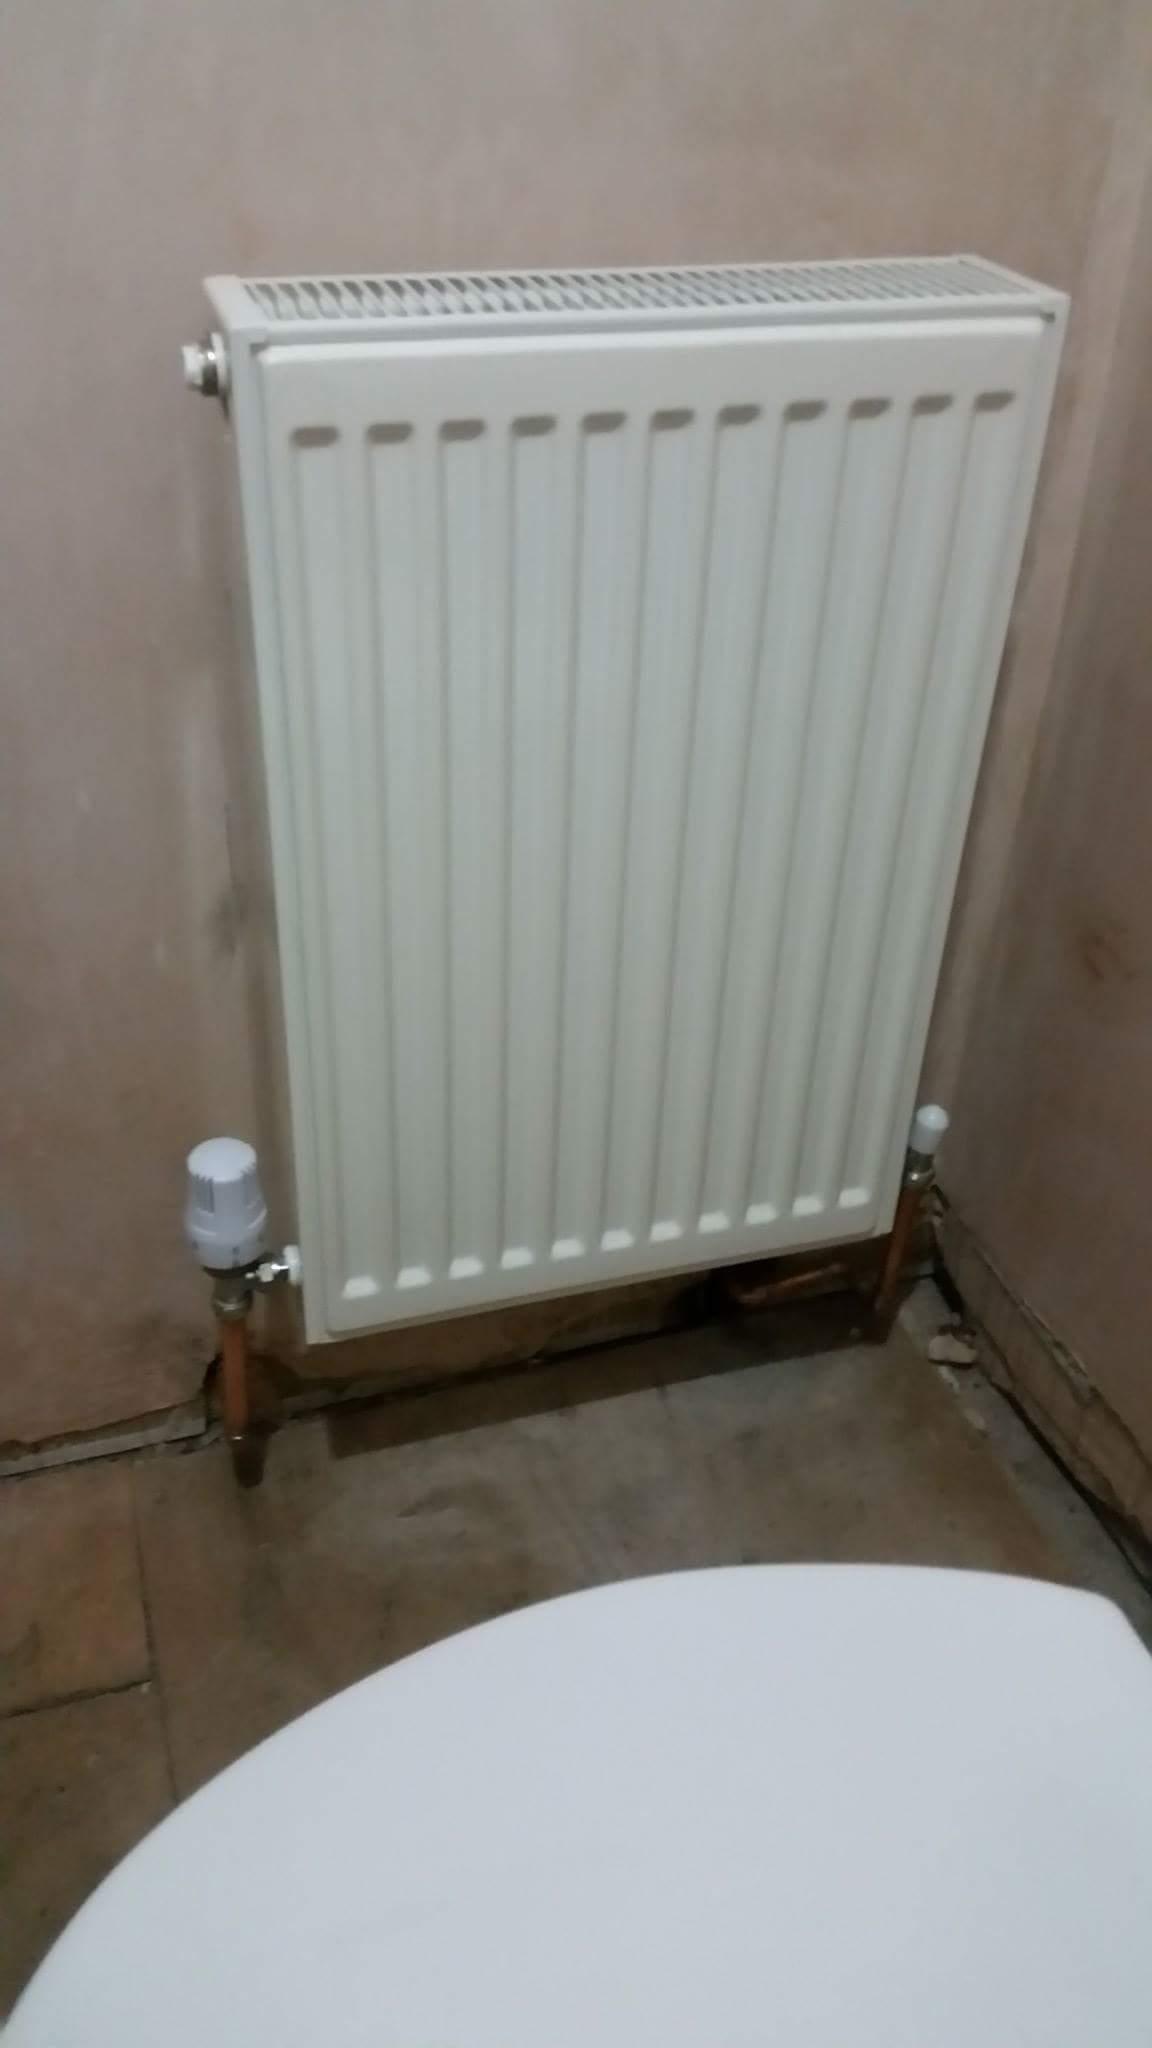 Radiator install